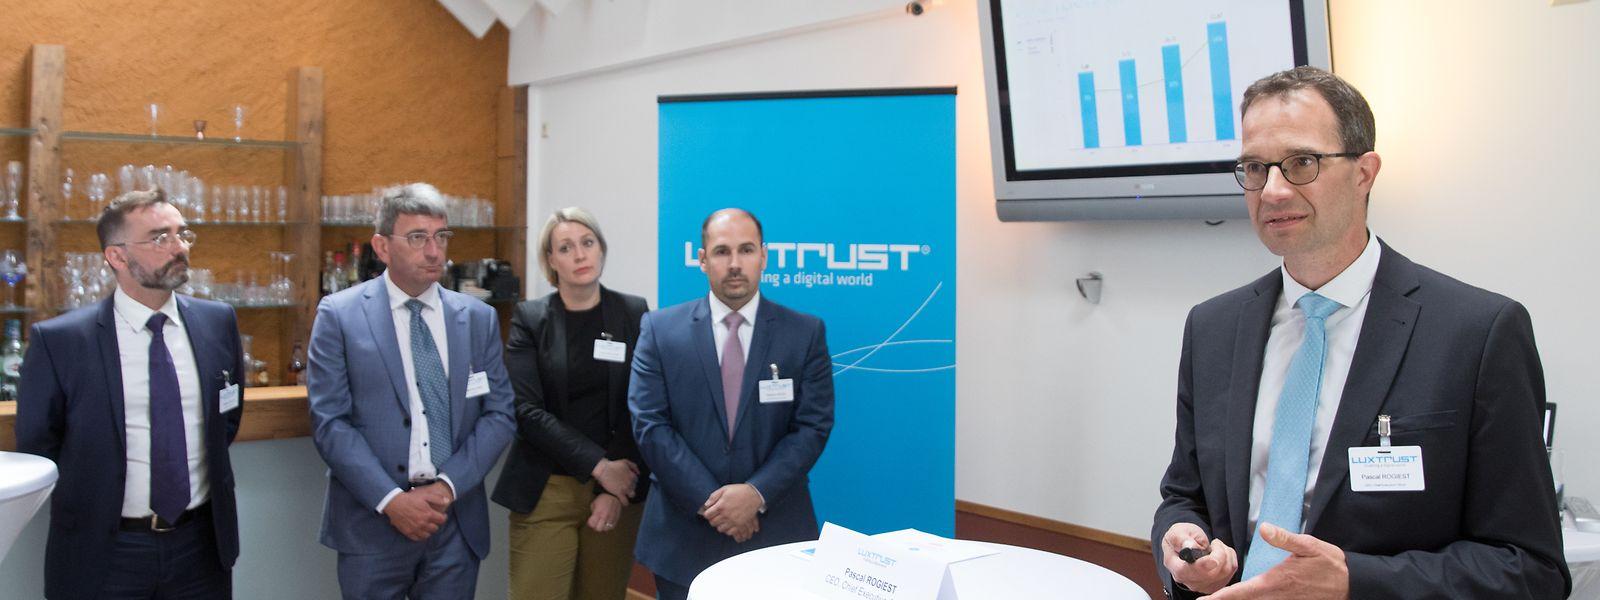 Pascal Rogiest (re.), Chef von Luxtrust, präsentiert eine gute Geschäftsentwicklung.